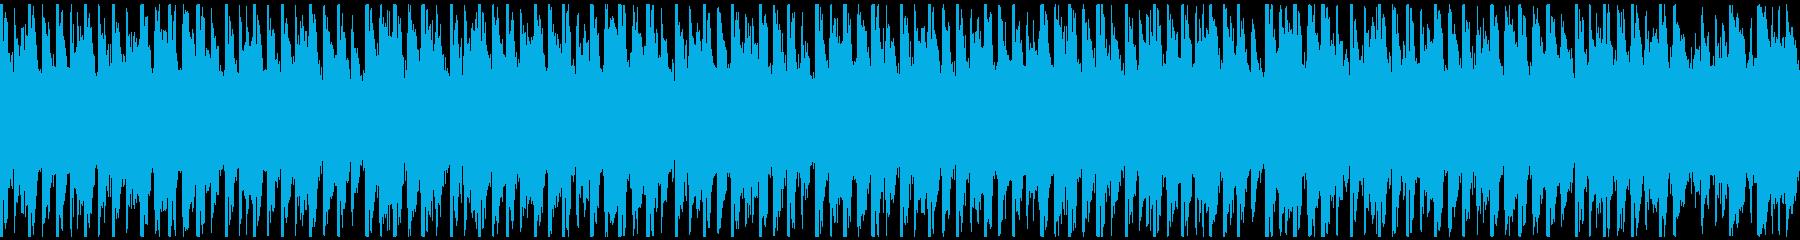 ポップパーティー(ループ-30秒)の再生済みの波形